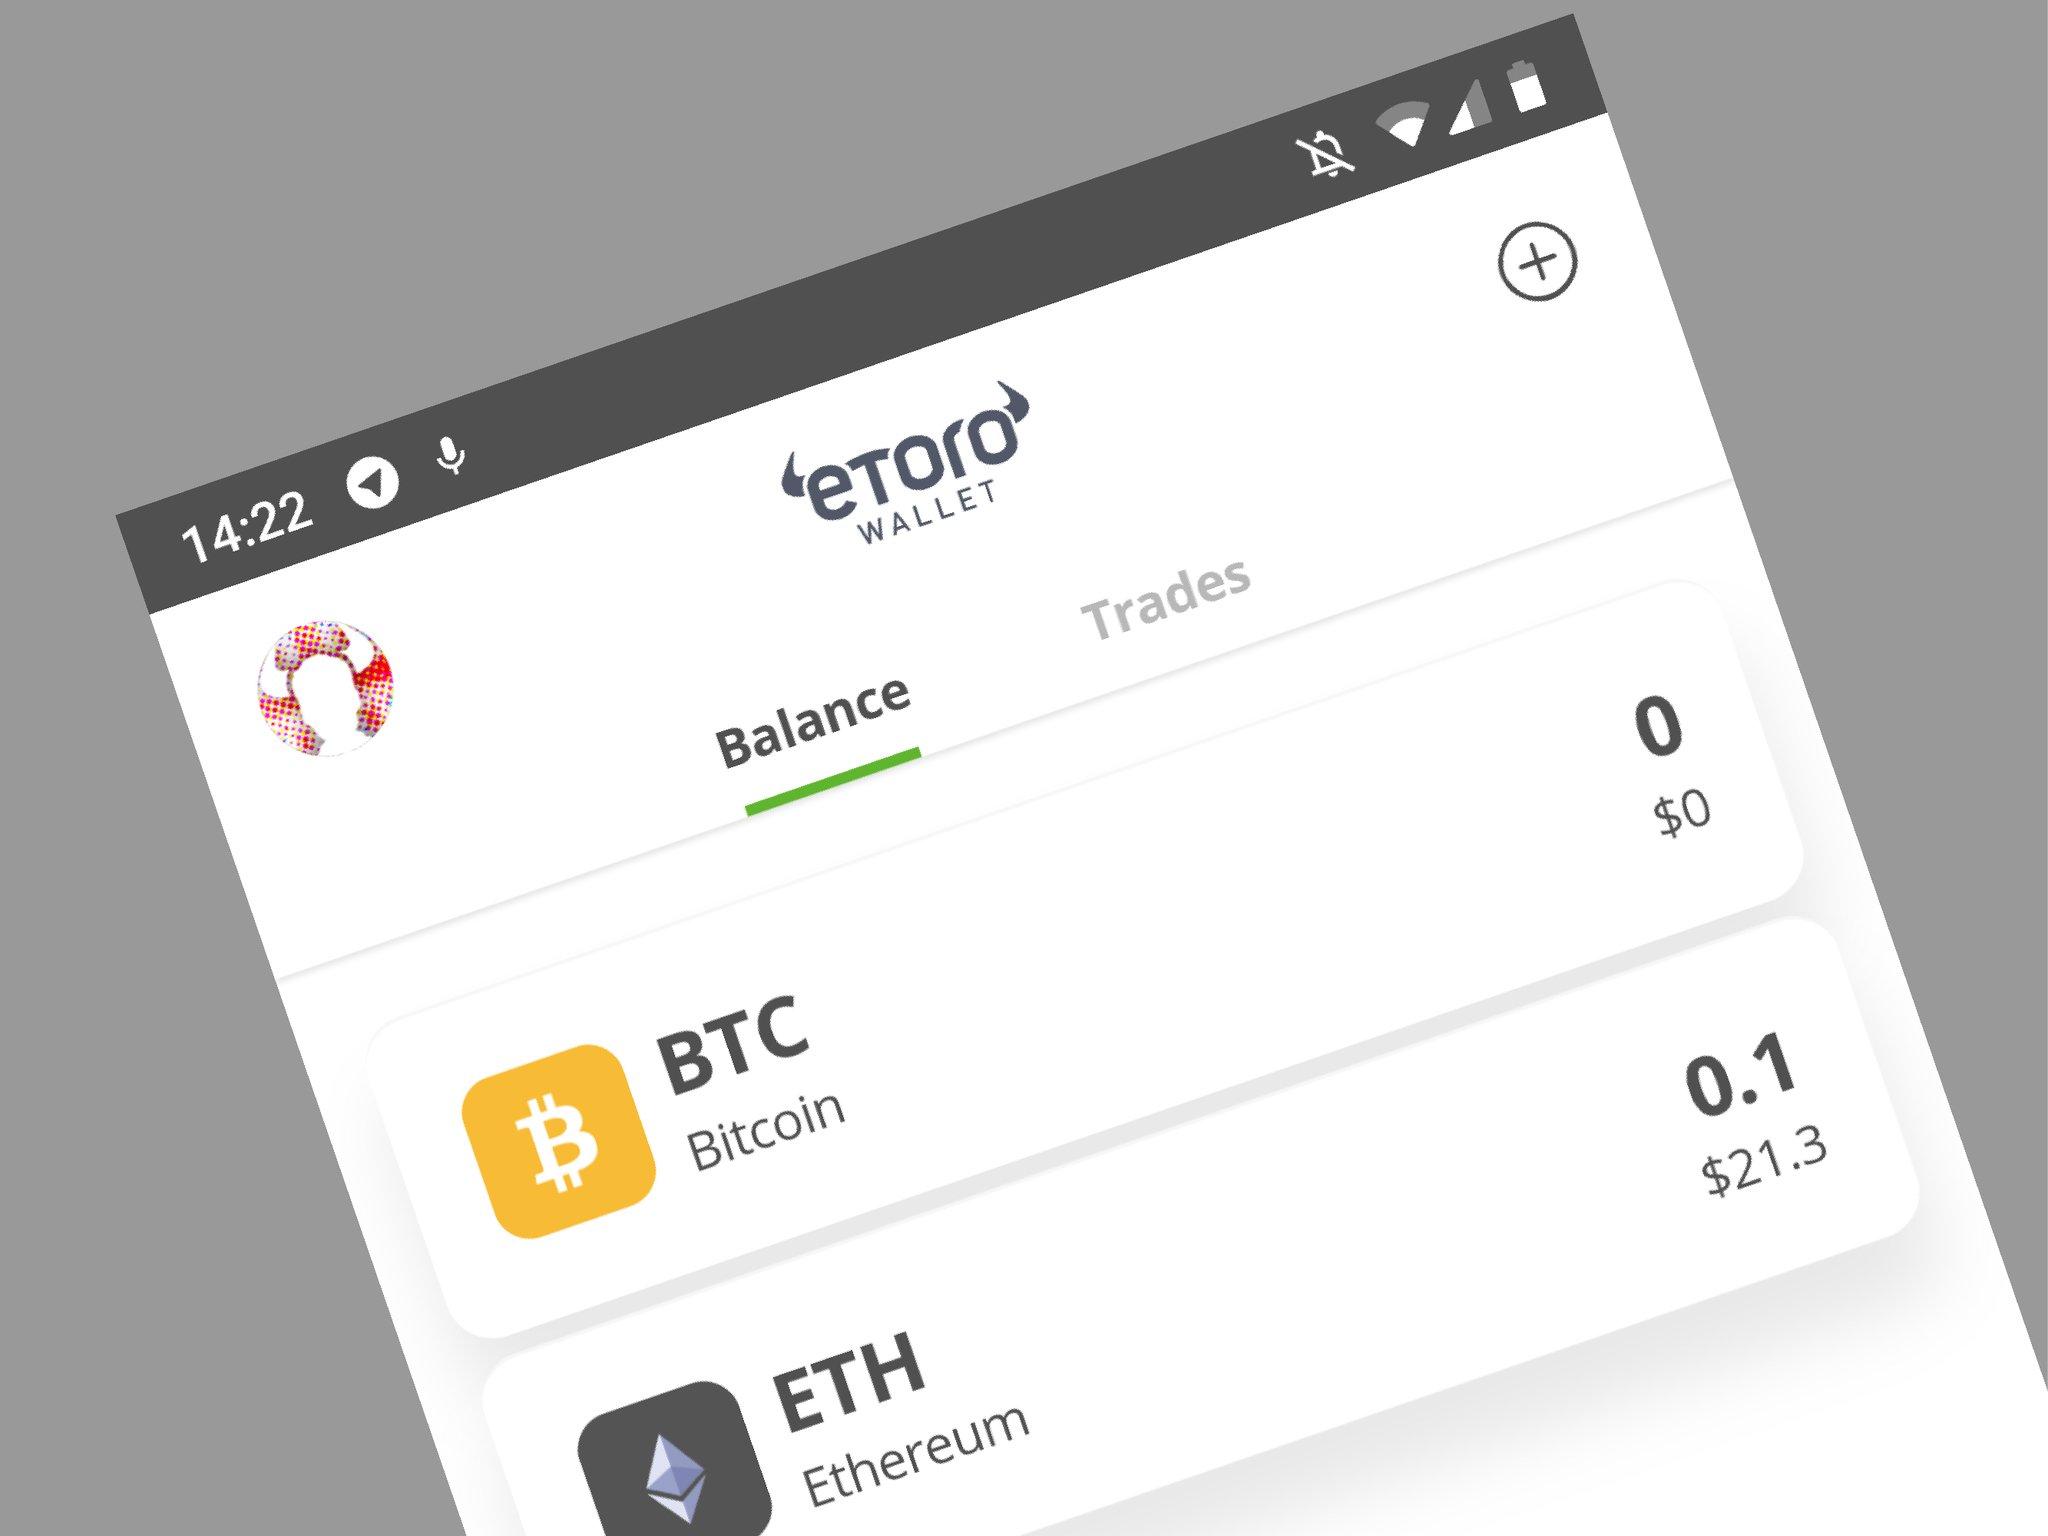 vietējais bitcoin myfin kā veikt identitātes pārbaudi vietējos bitkoinos